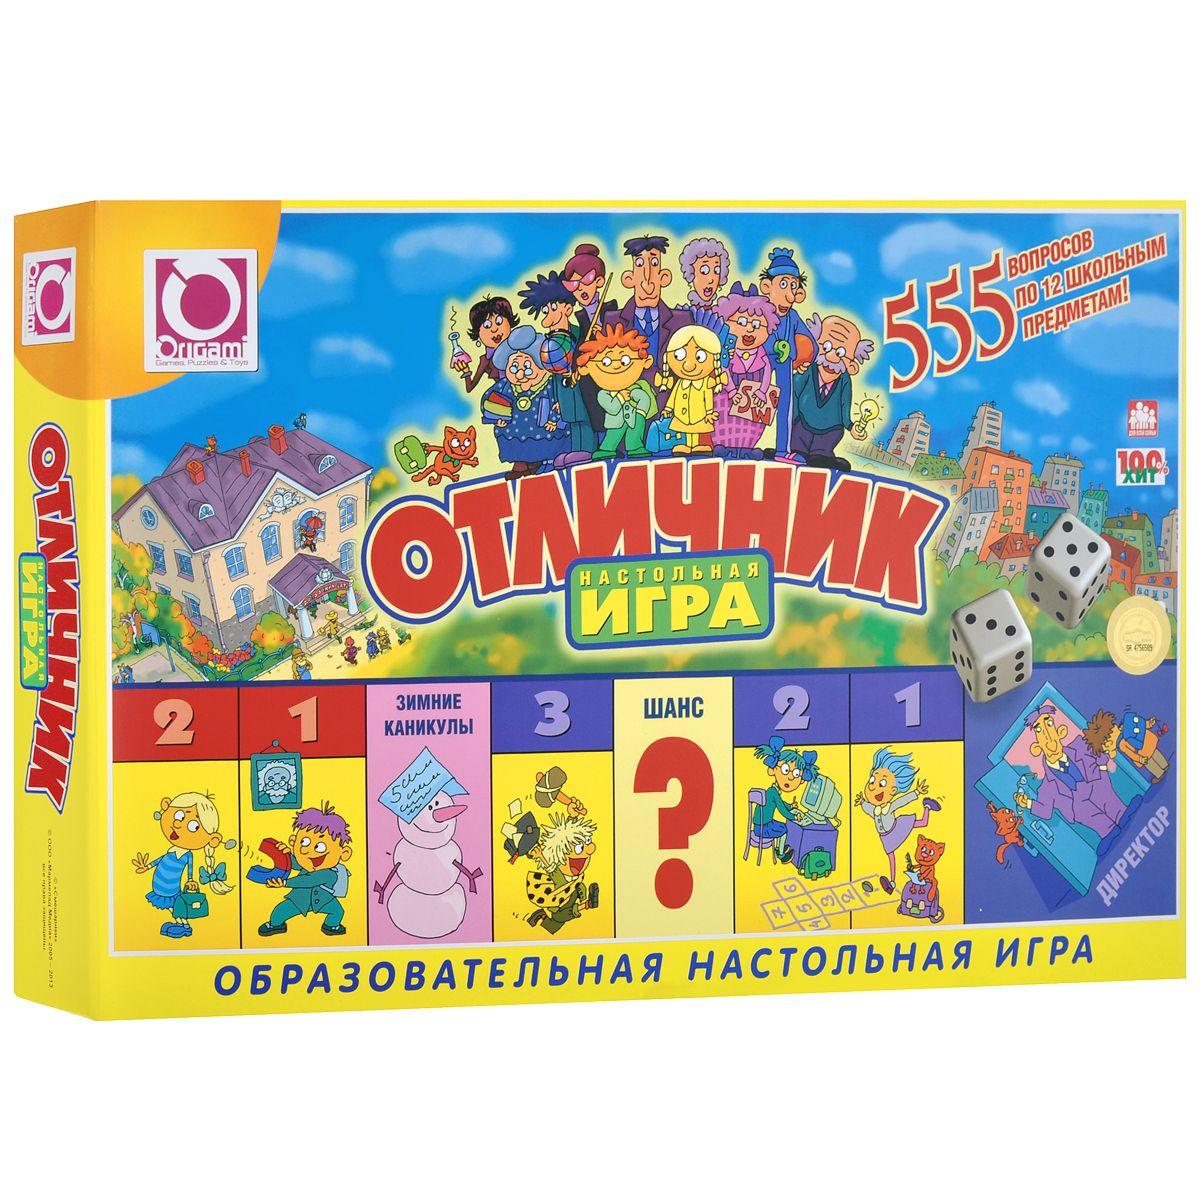 Купить Развивающие и обучающие, Отличник, Origami, Россия, многоцветный